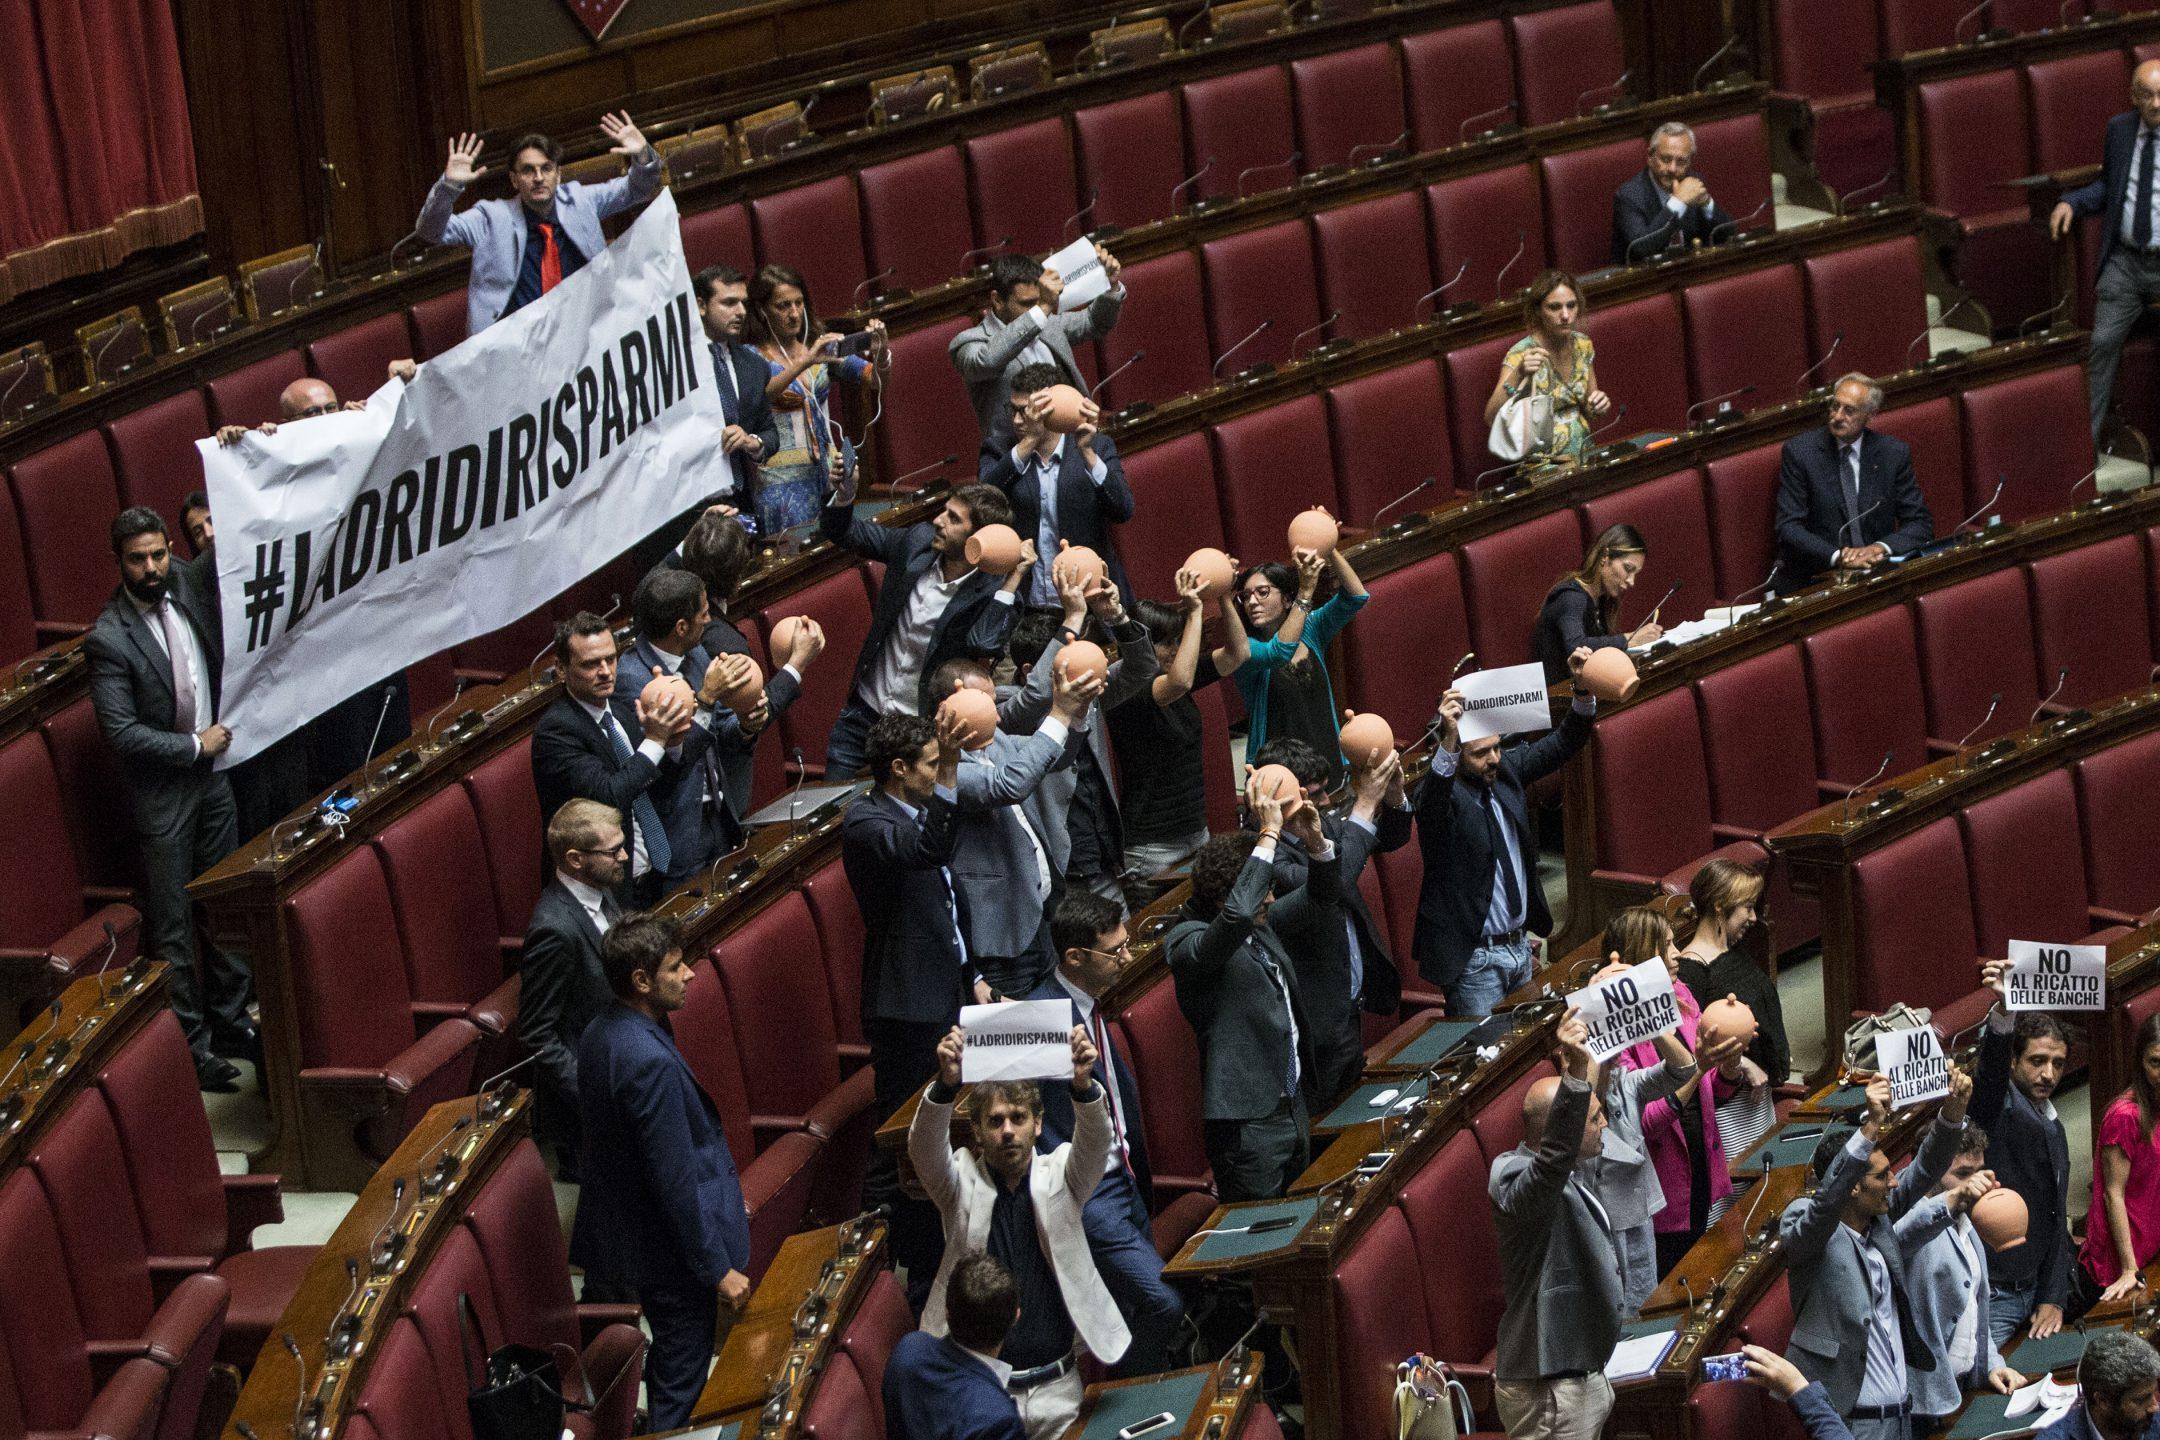 In parlamento si discute di banche